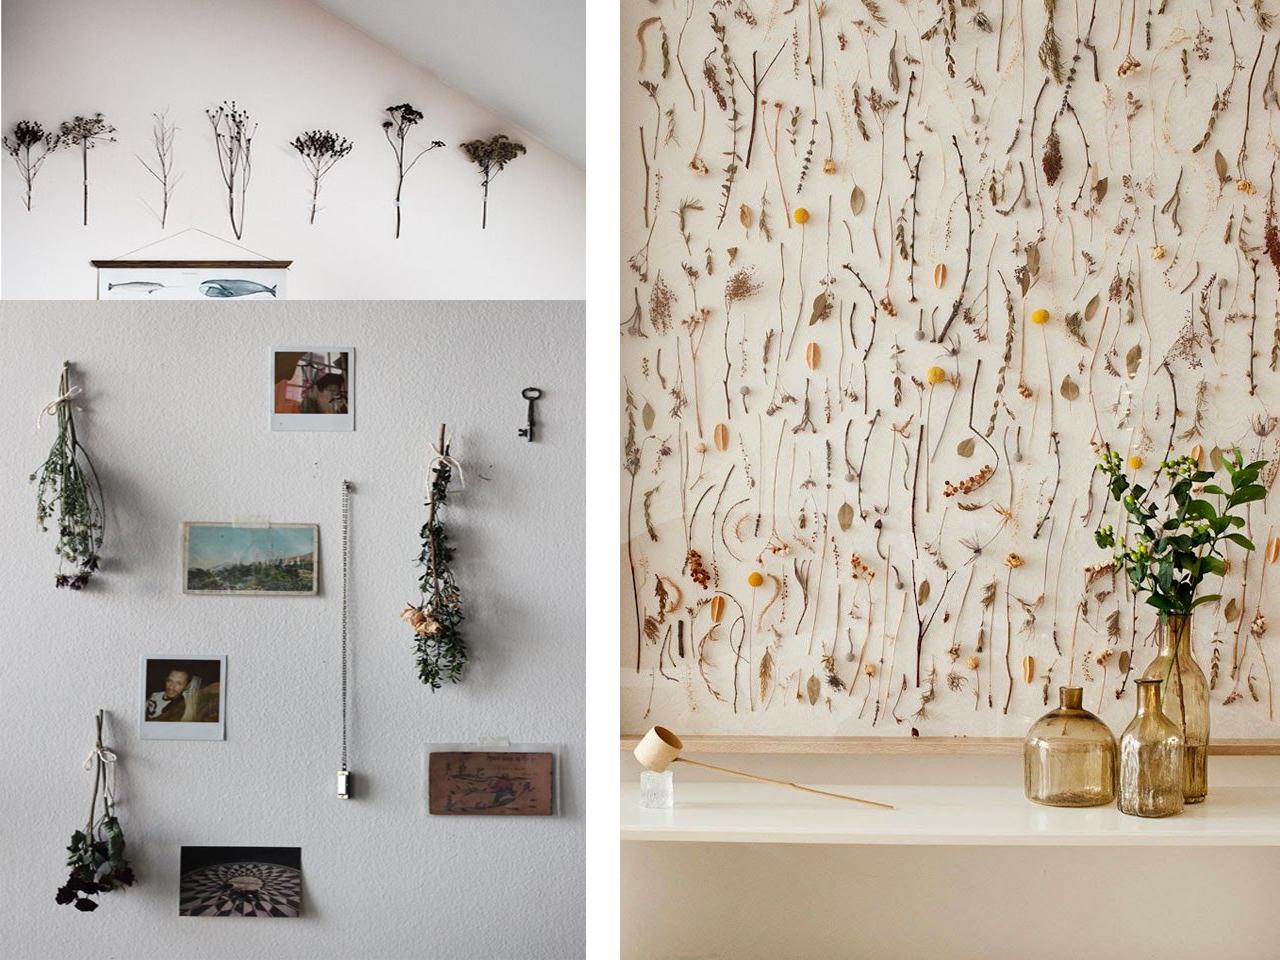 9 ideas de decoraci n con flores secas - Plantas secas decoracion ...